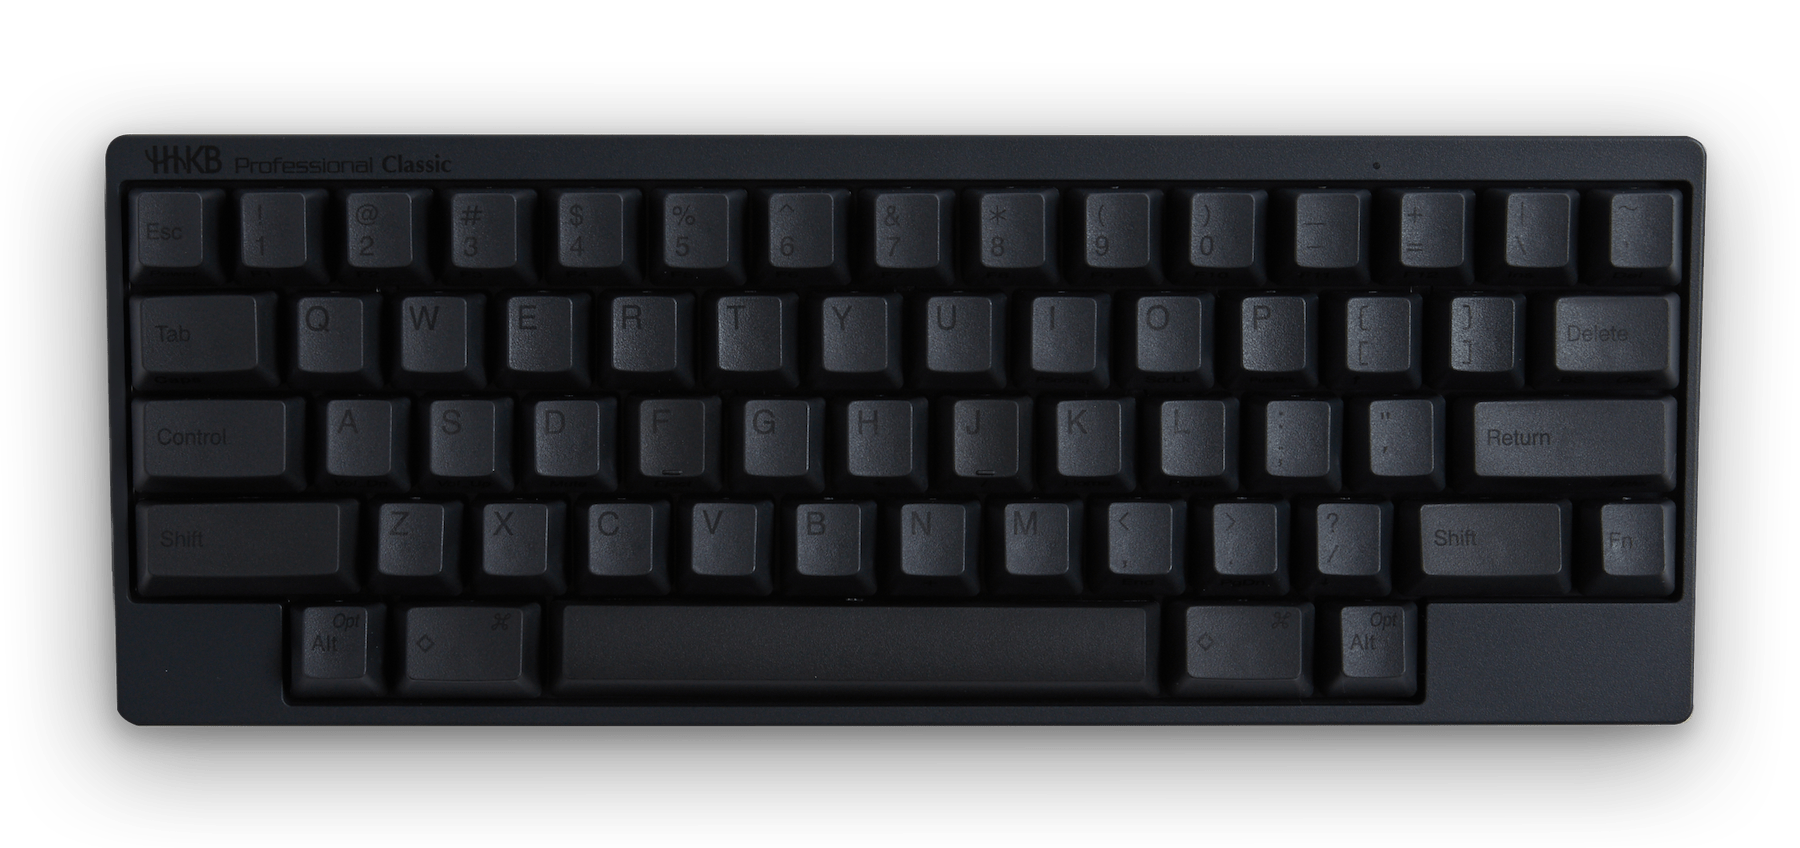 tastiere professionali HHKB